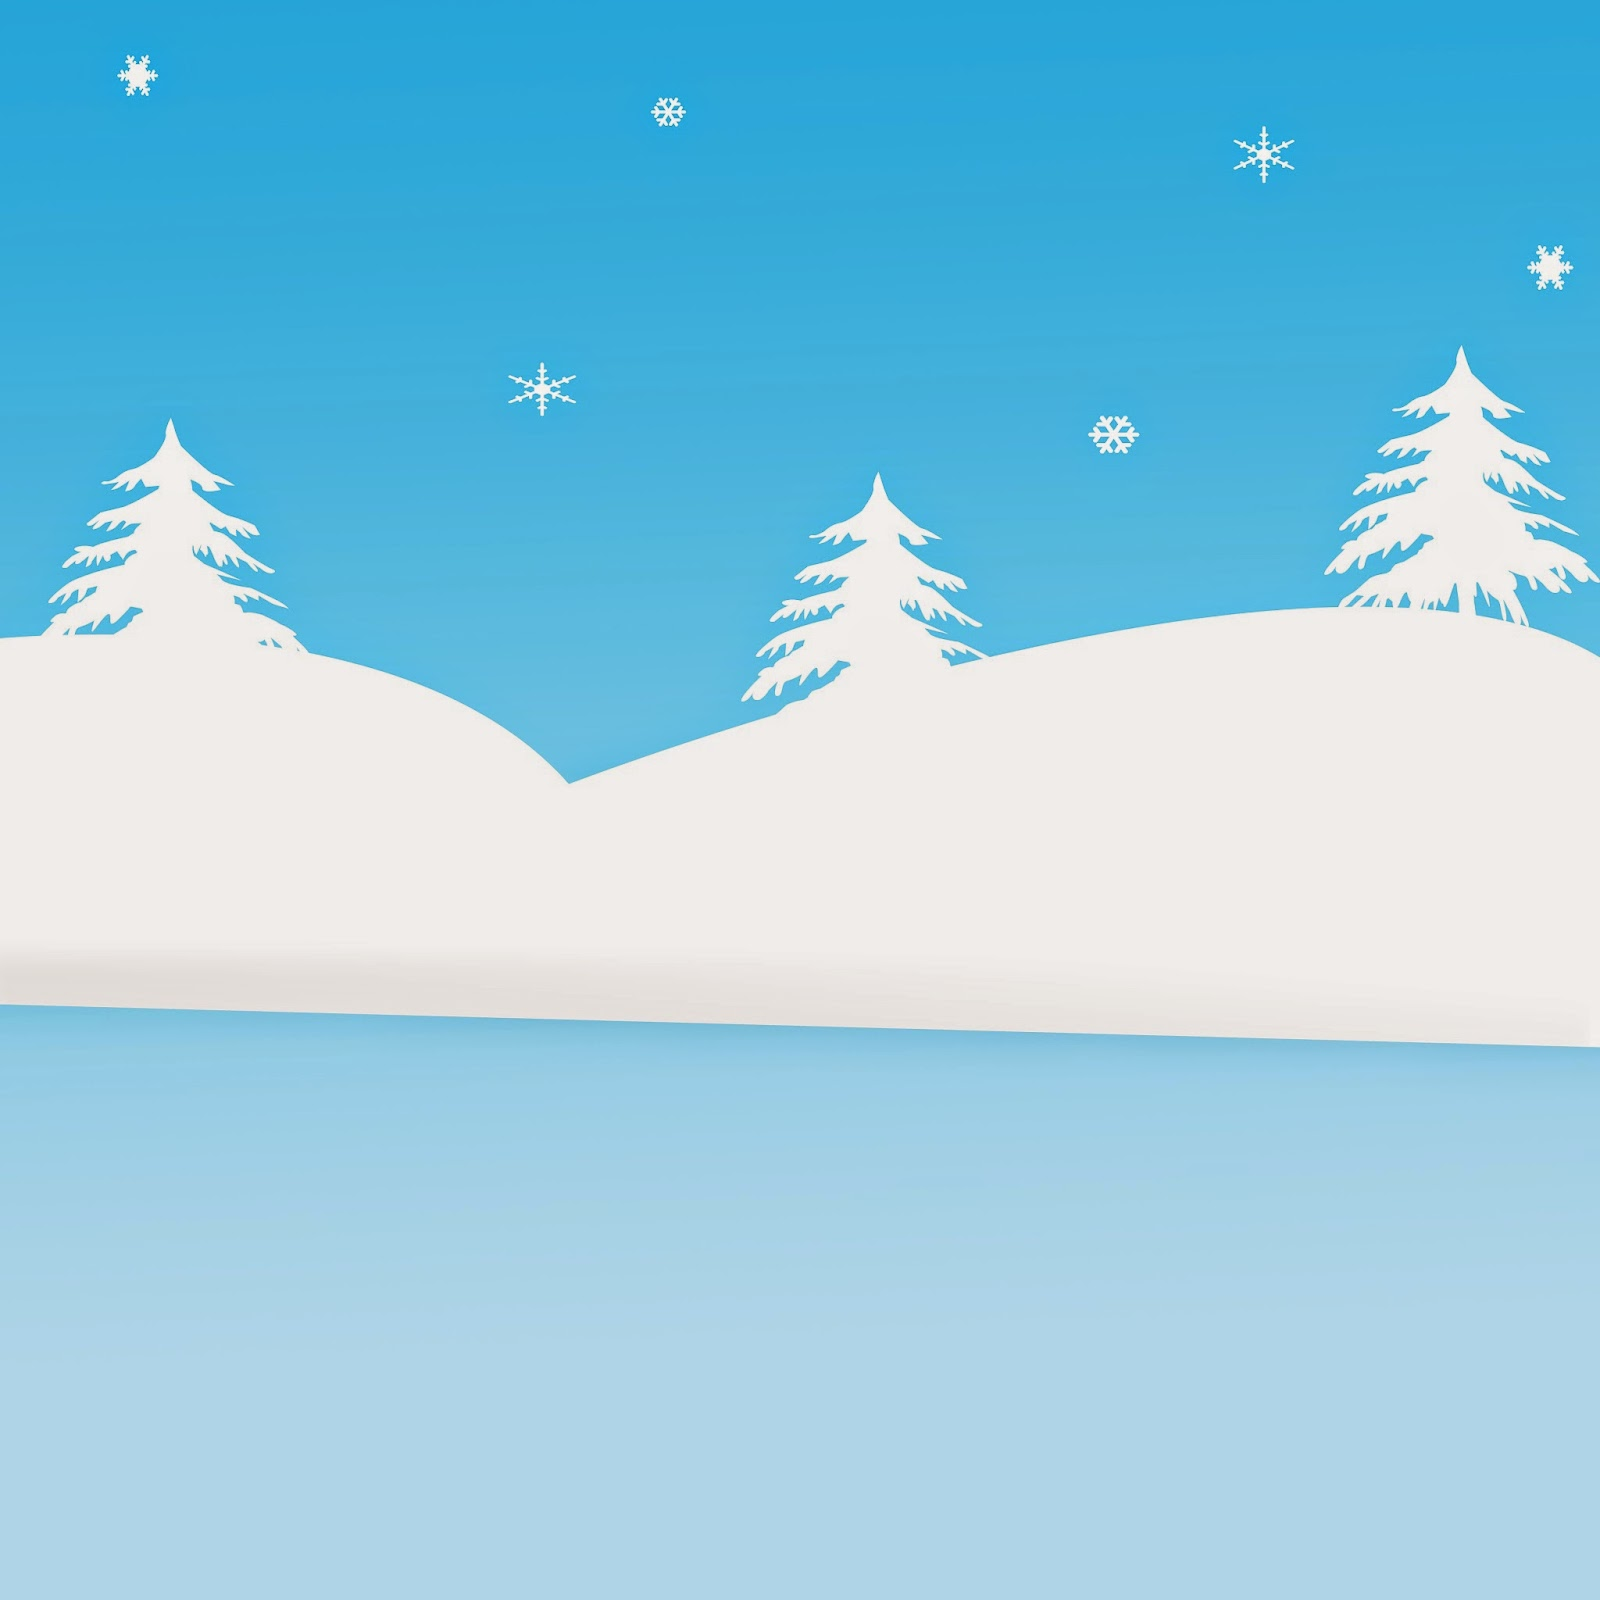 Fondos del Clipart de Frozen.